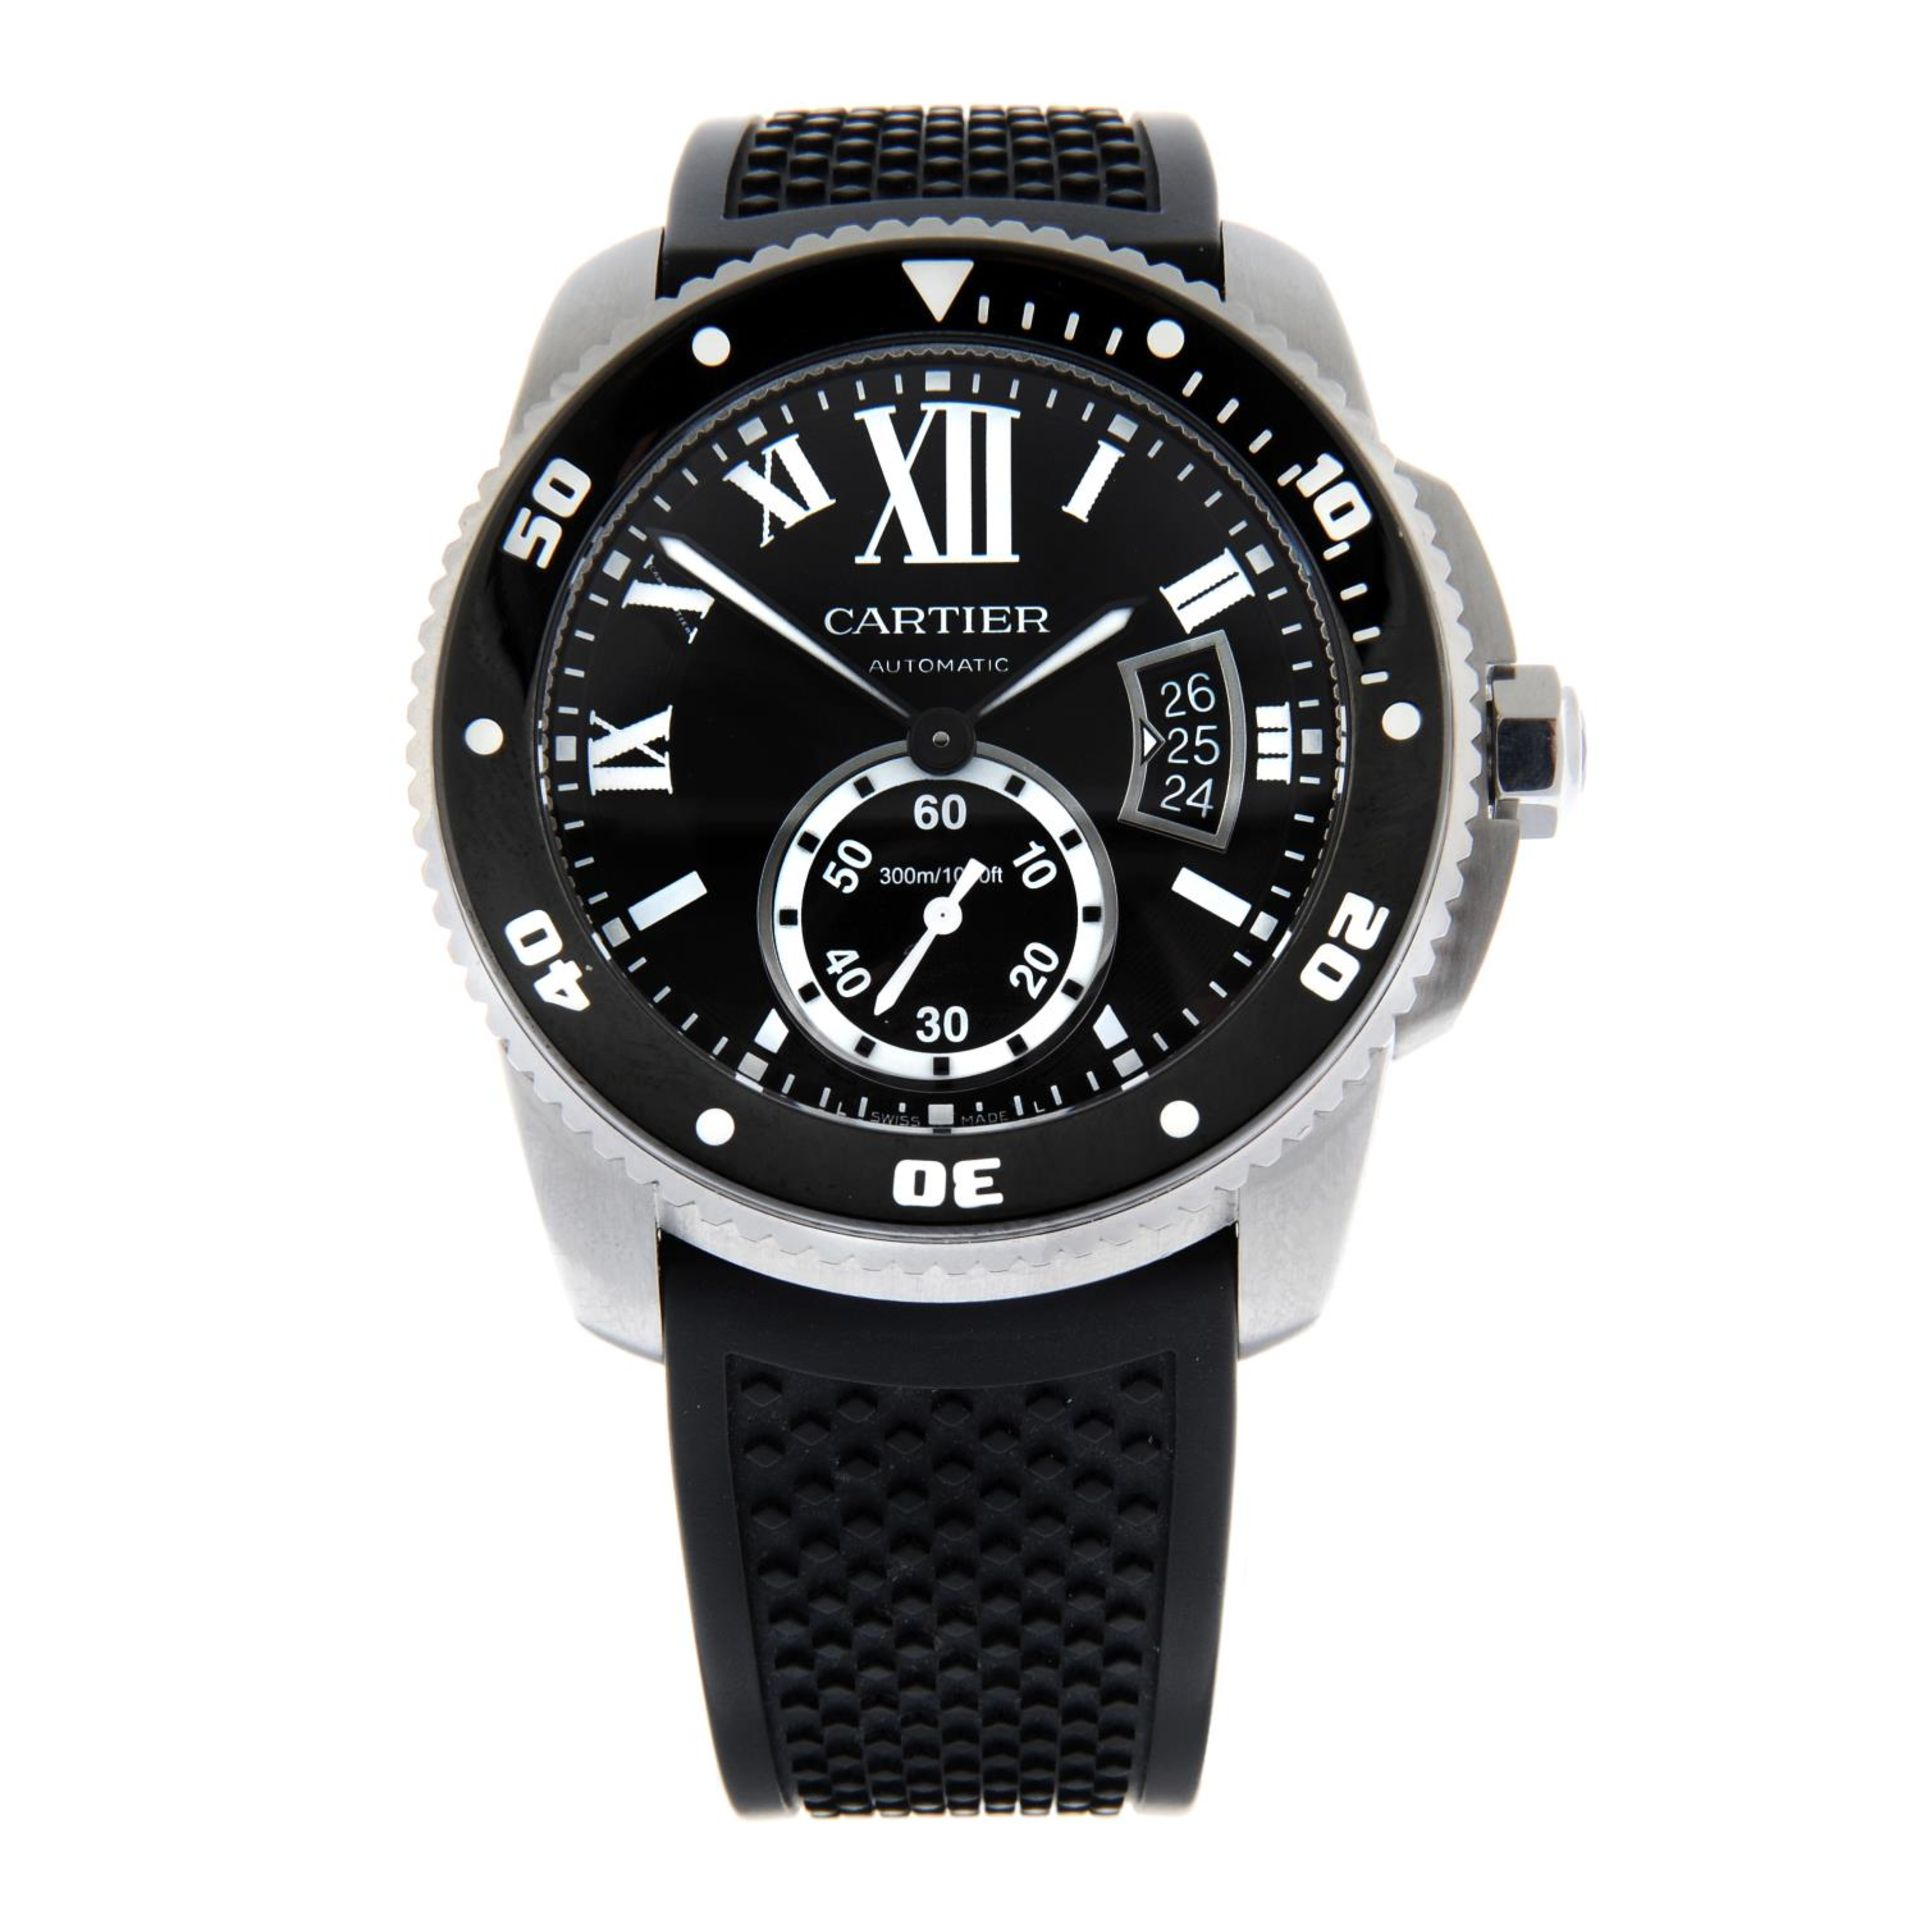 CARTIER - a Calibre de Cartier wrist watch.